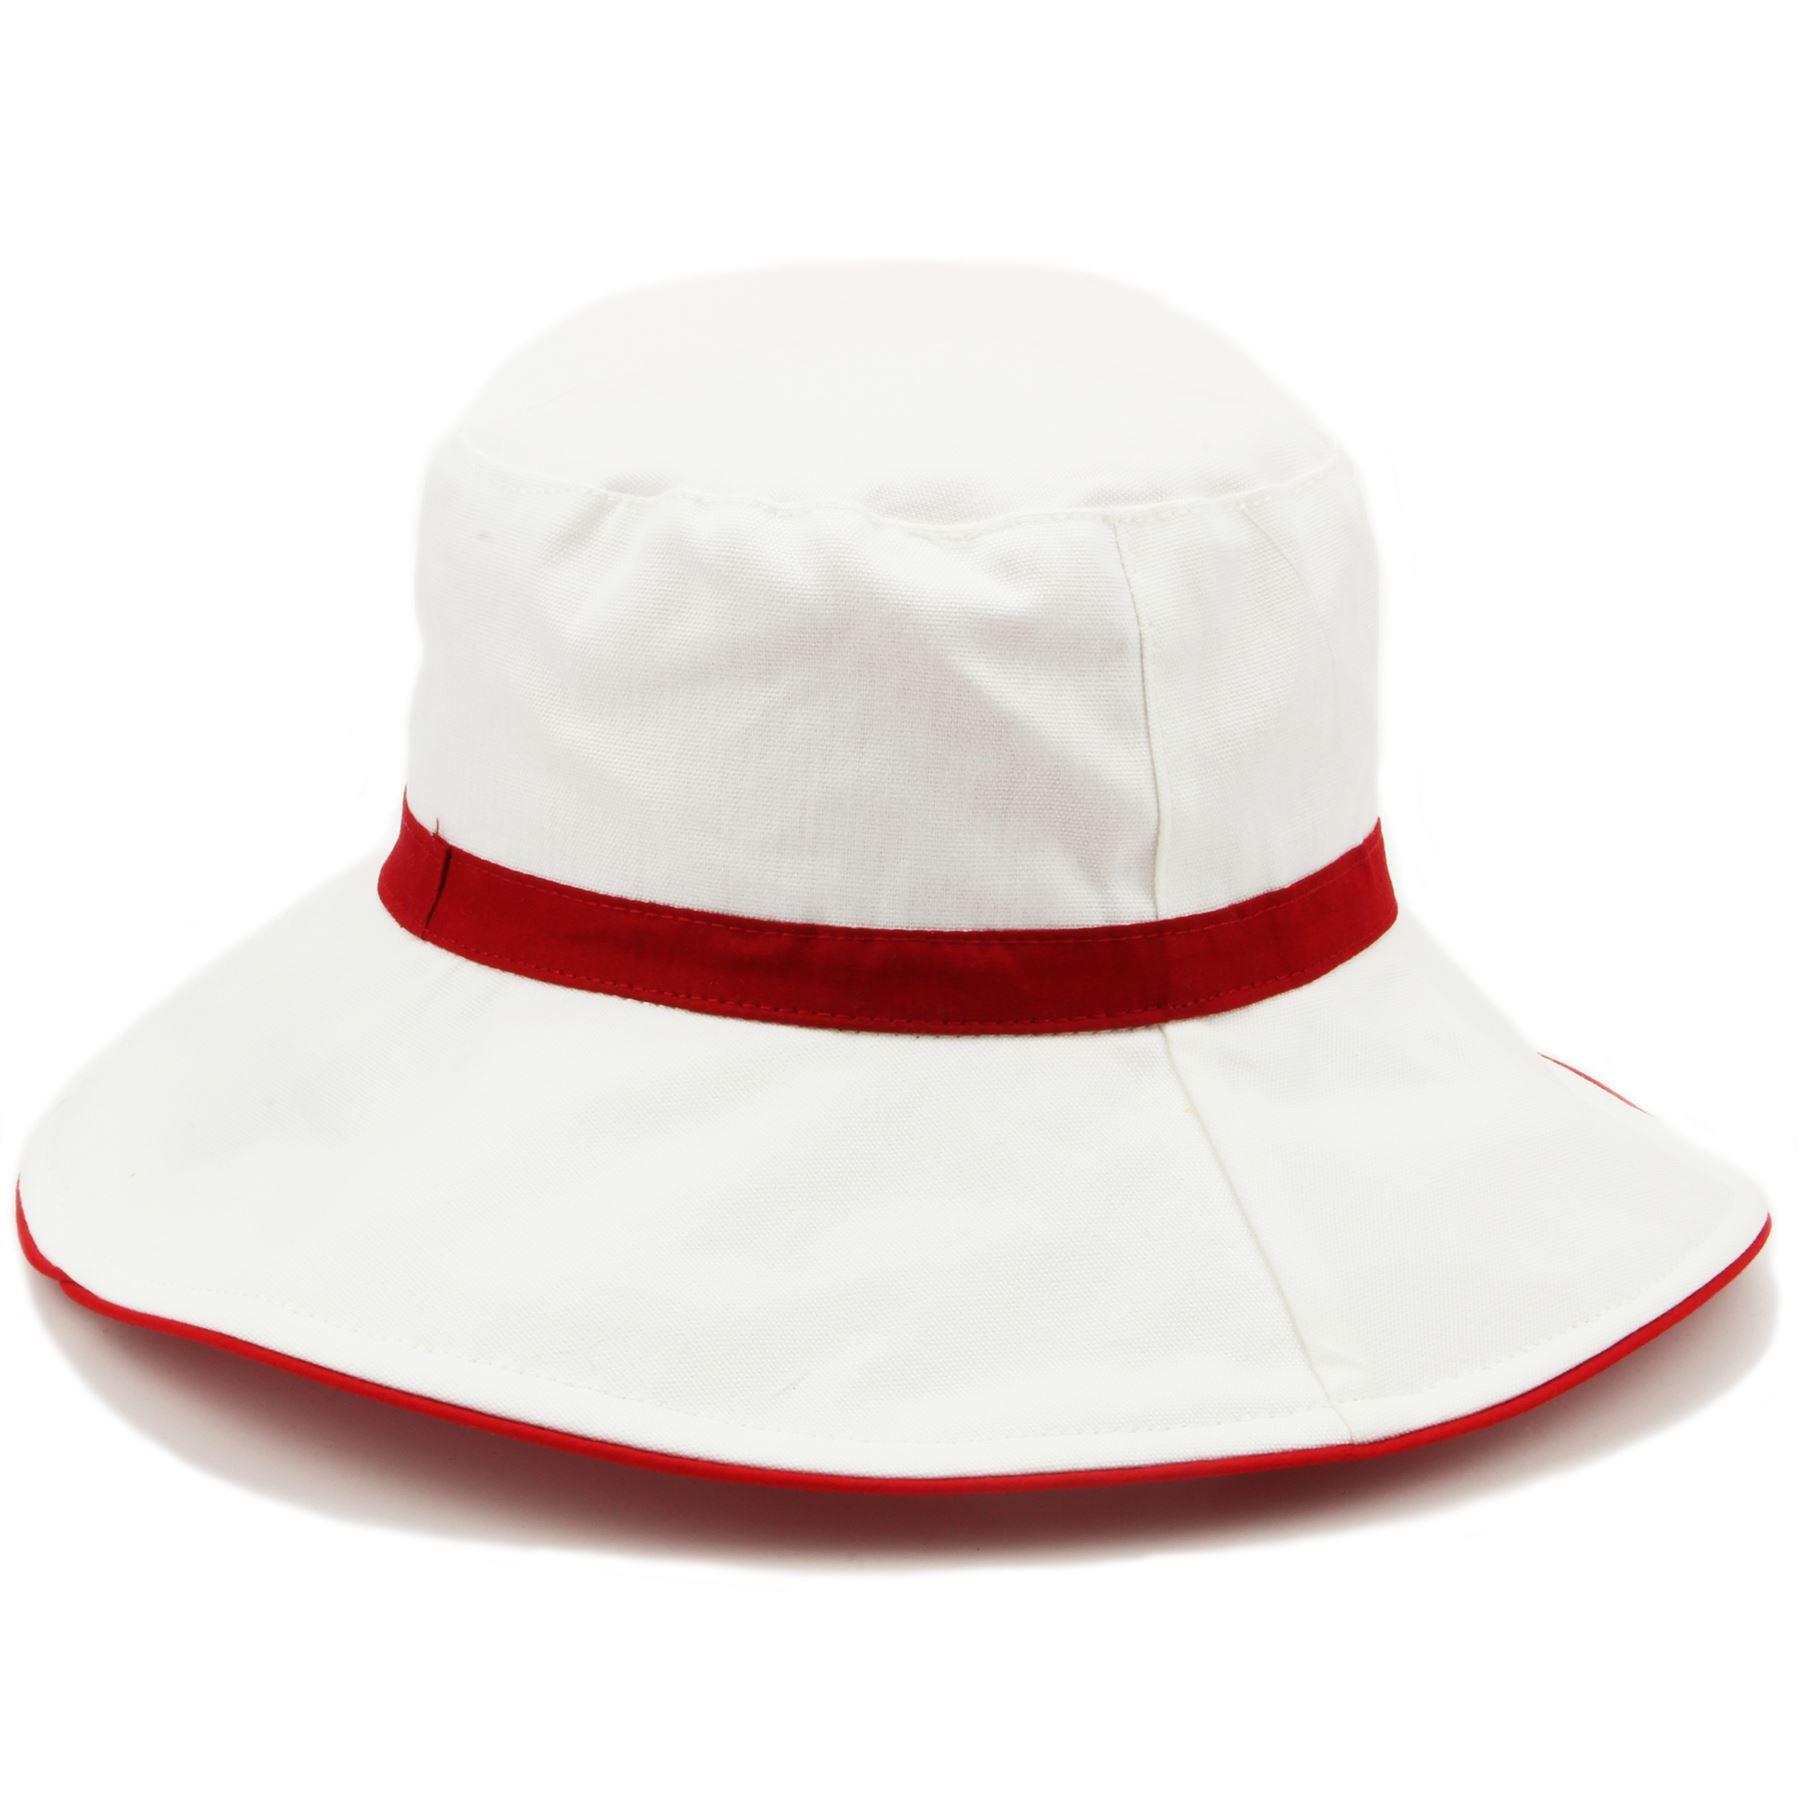 Ladiessun Hats Bobbydaleearnhardt.com